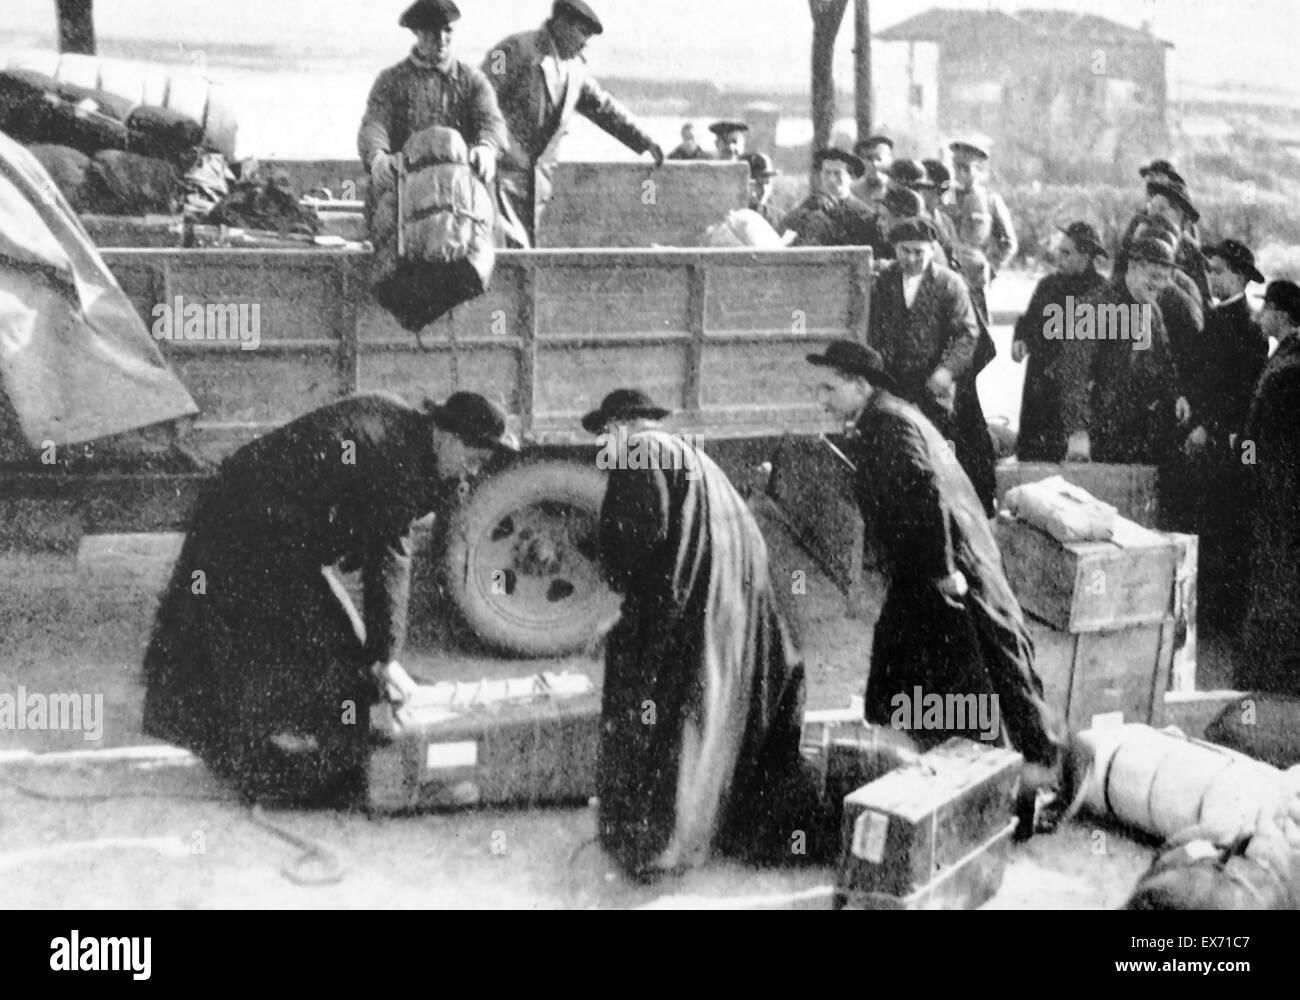 Spanish Civil War, International brigade members - Stock Image